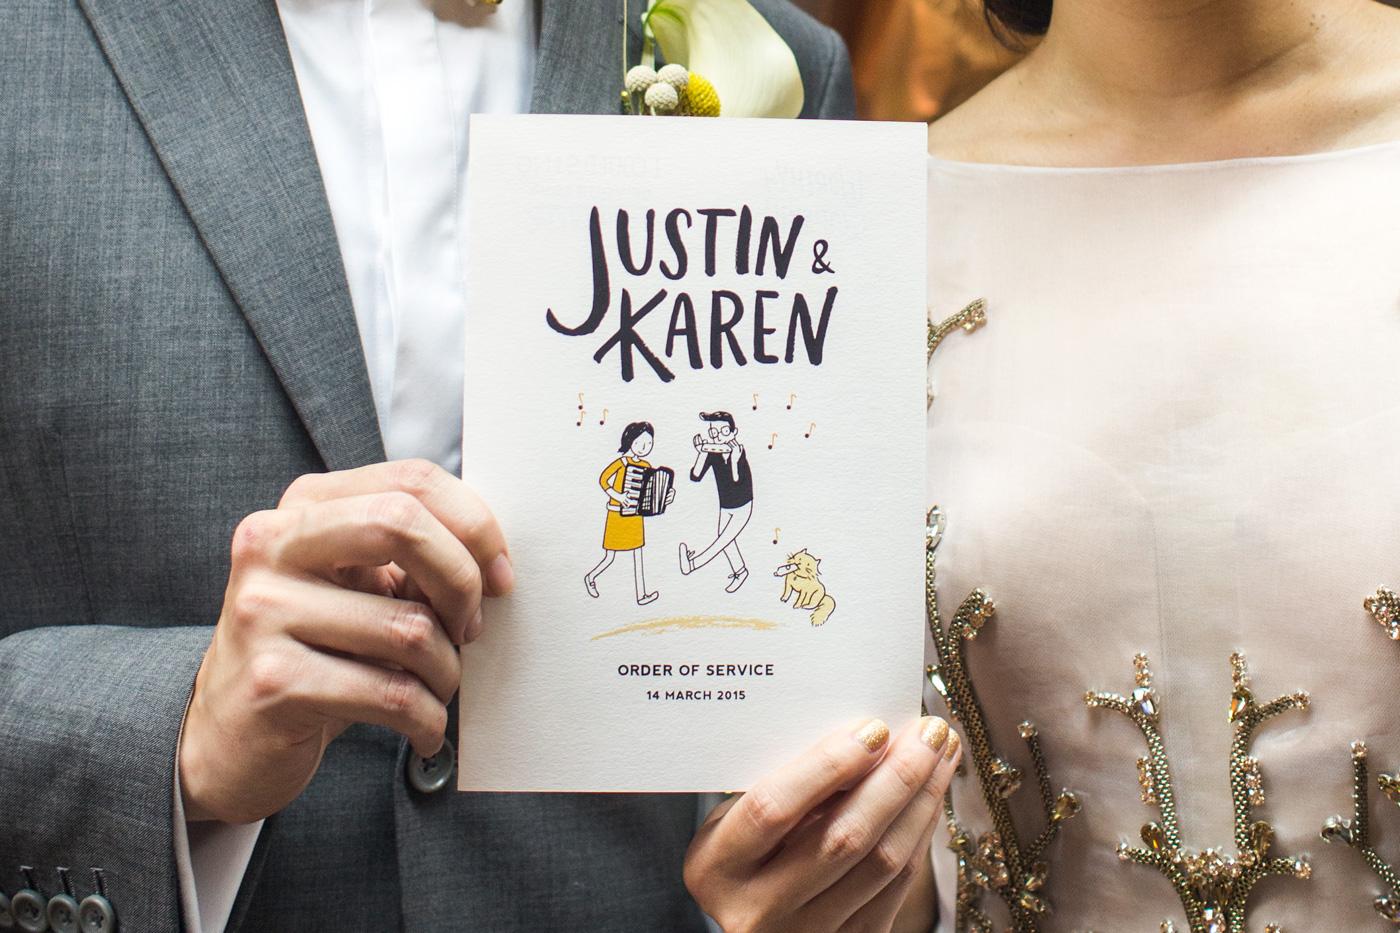 convite casamento poster ilustrado capa